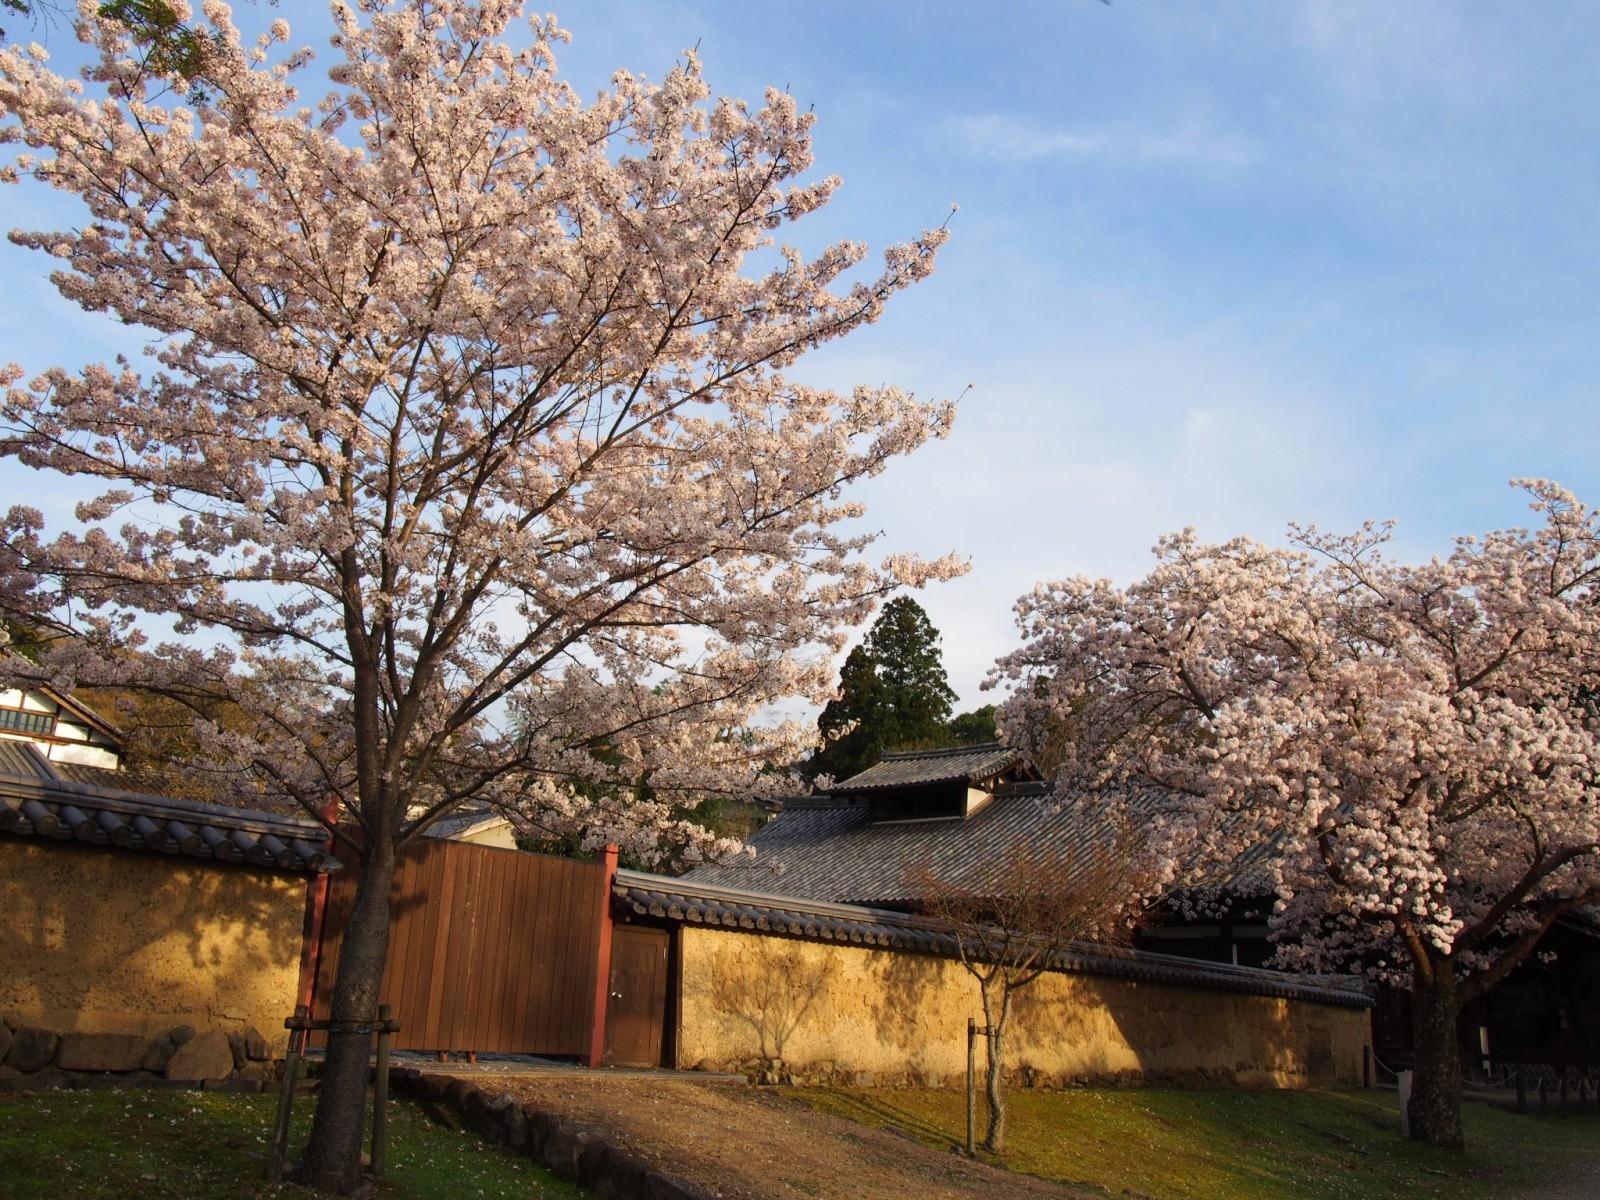 大湯屋の前に咲く桜